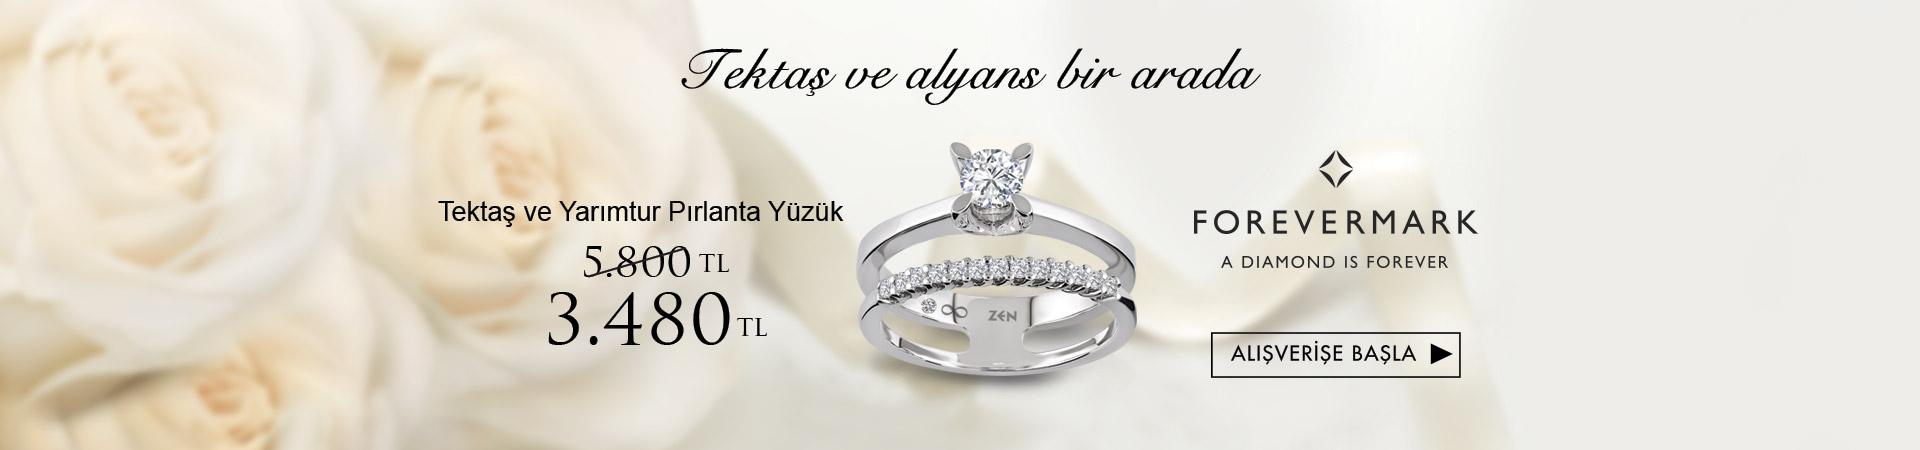 Forevermark 3480 TL